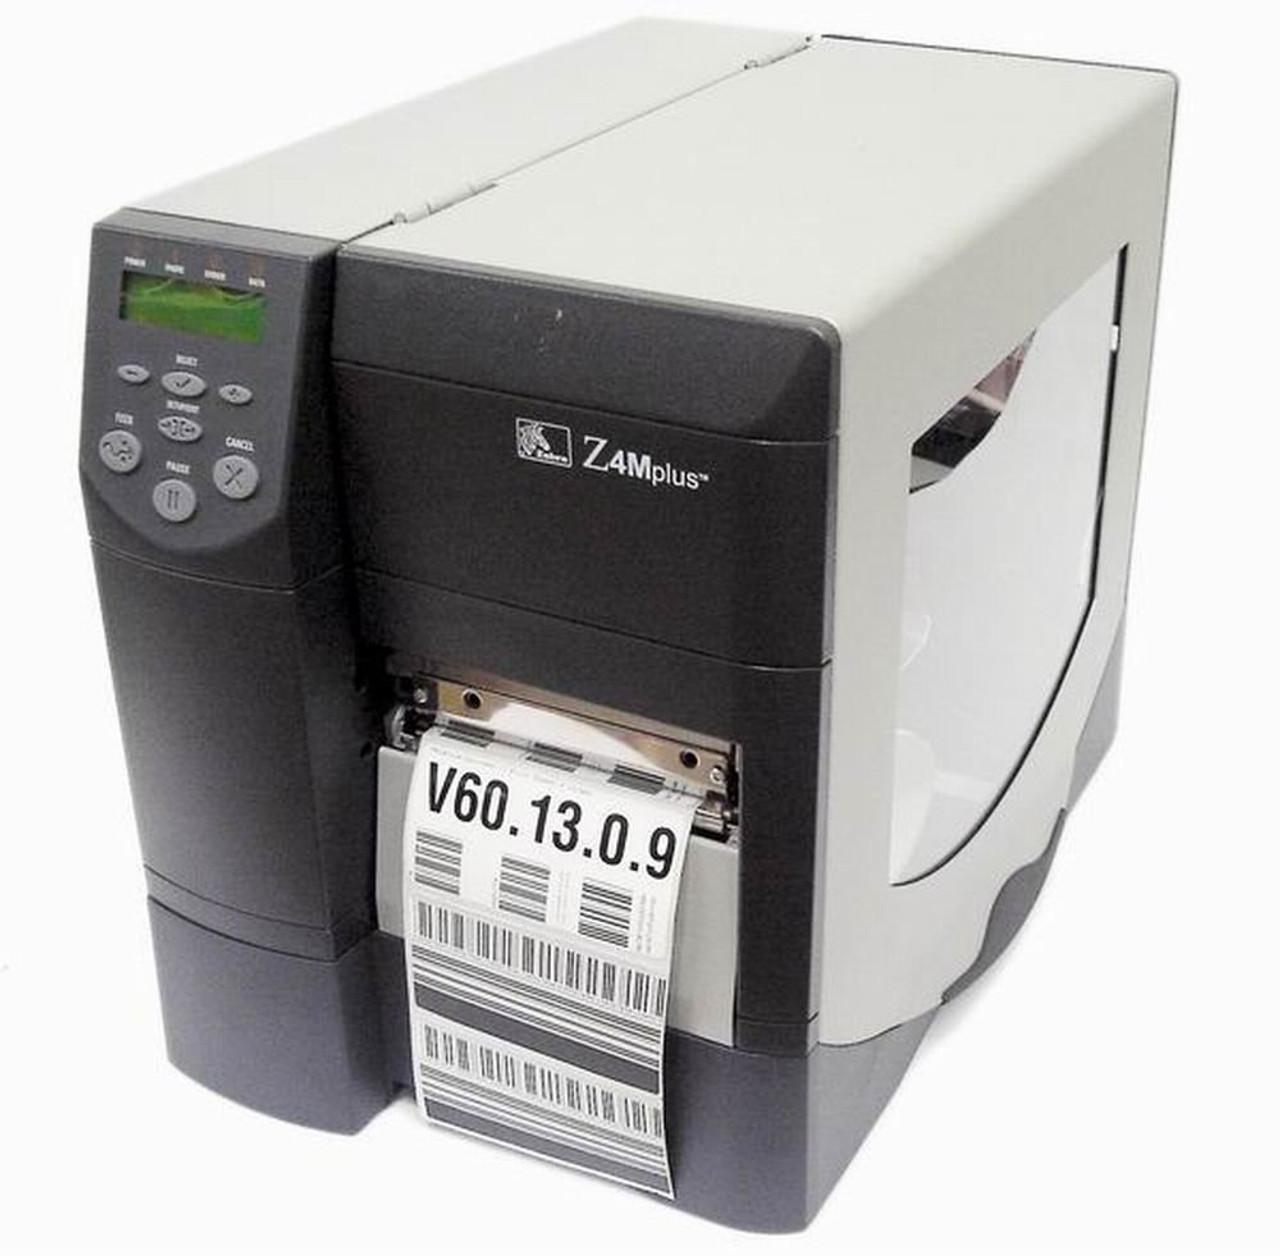 Zebra Z Series Z4Mplus Direct thermal / thermal transfer